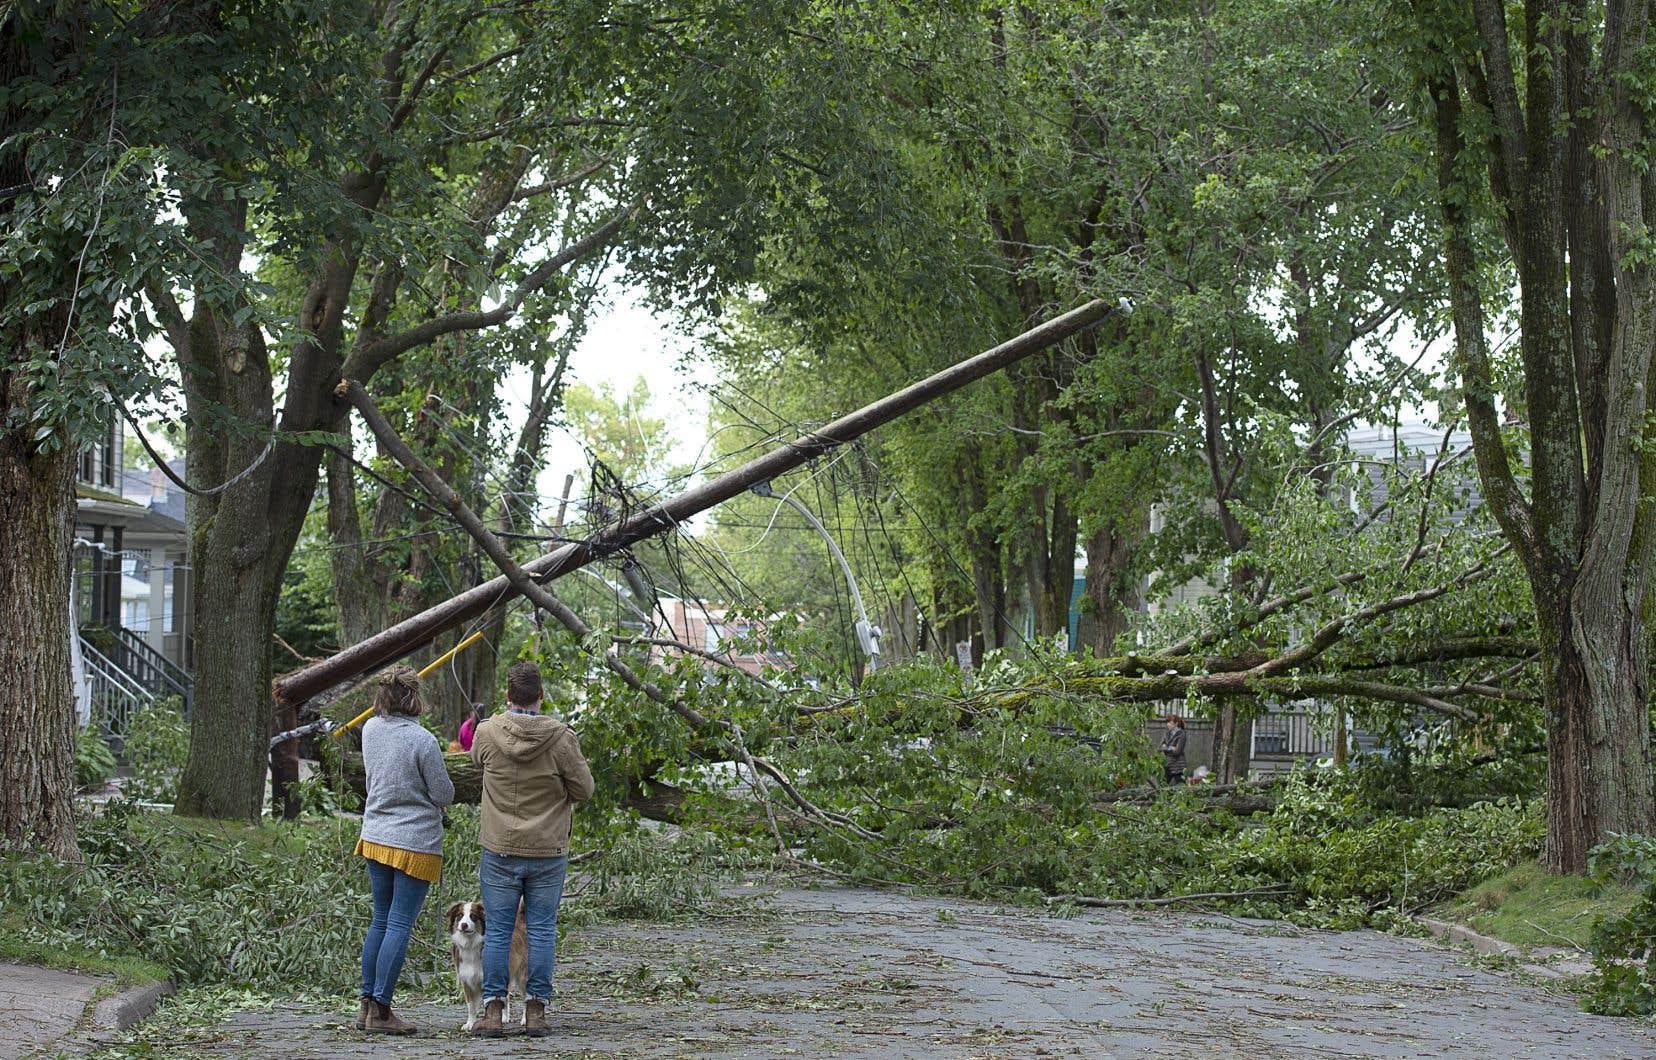 La plupart des pannes en Nouvelle-Écosseont été provoquées par de puissantes rafales, des inondations ainsi que des arbres déracinés et leurs débris.